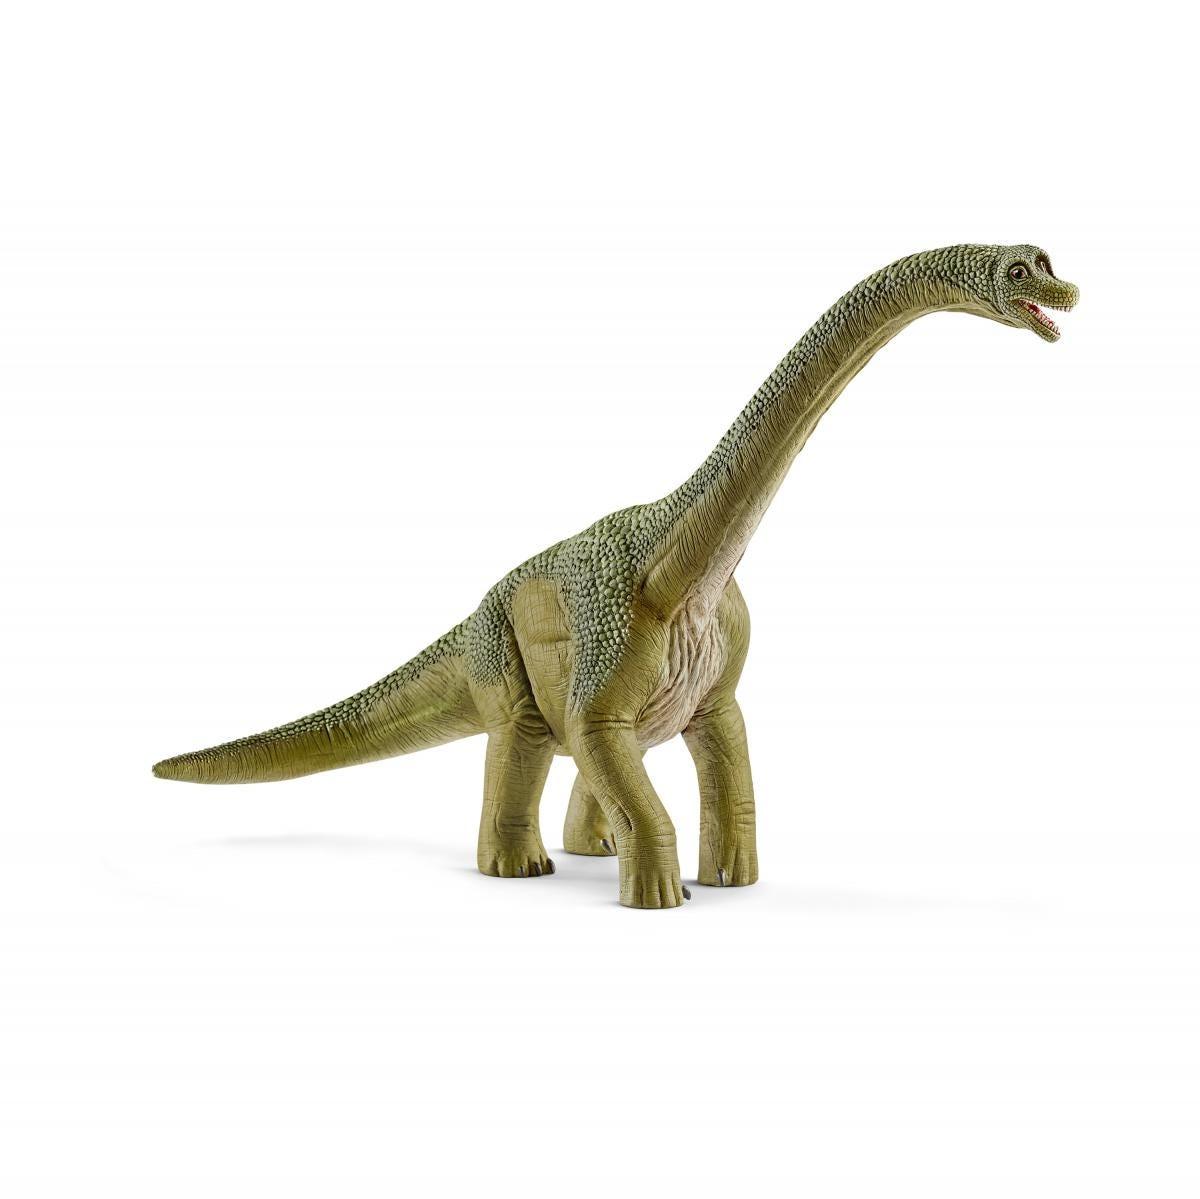 brachiosaurus 14581 dinosaurs schleich